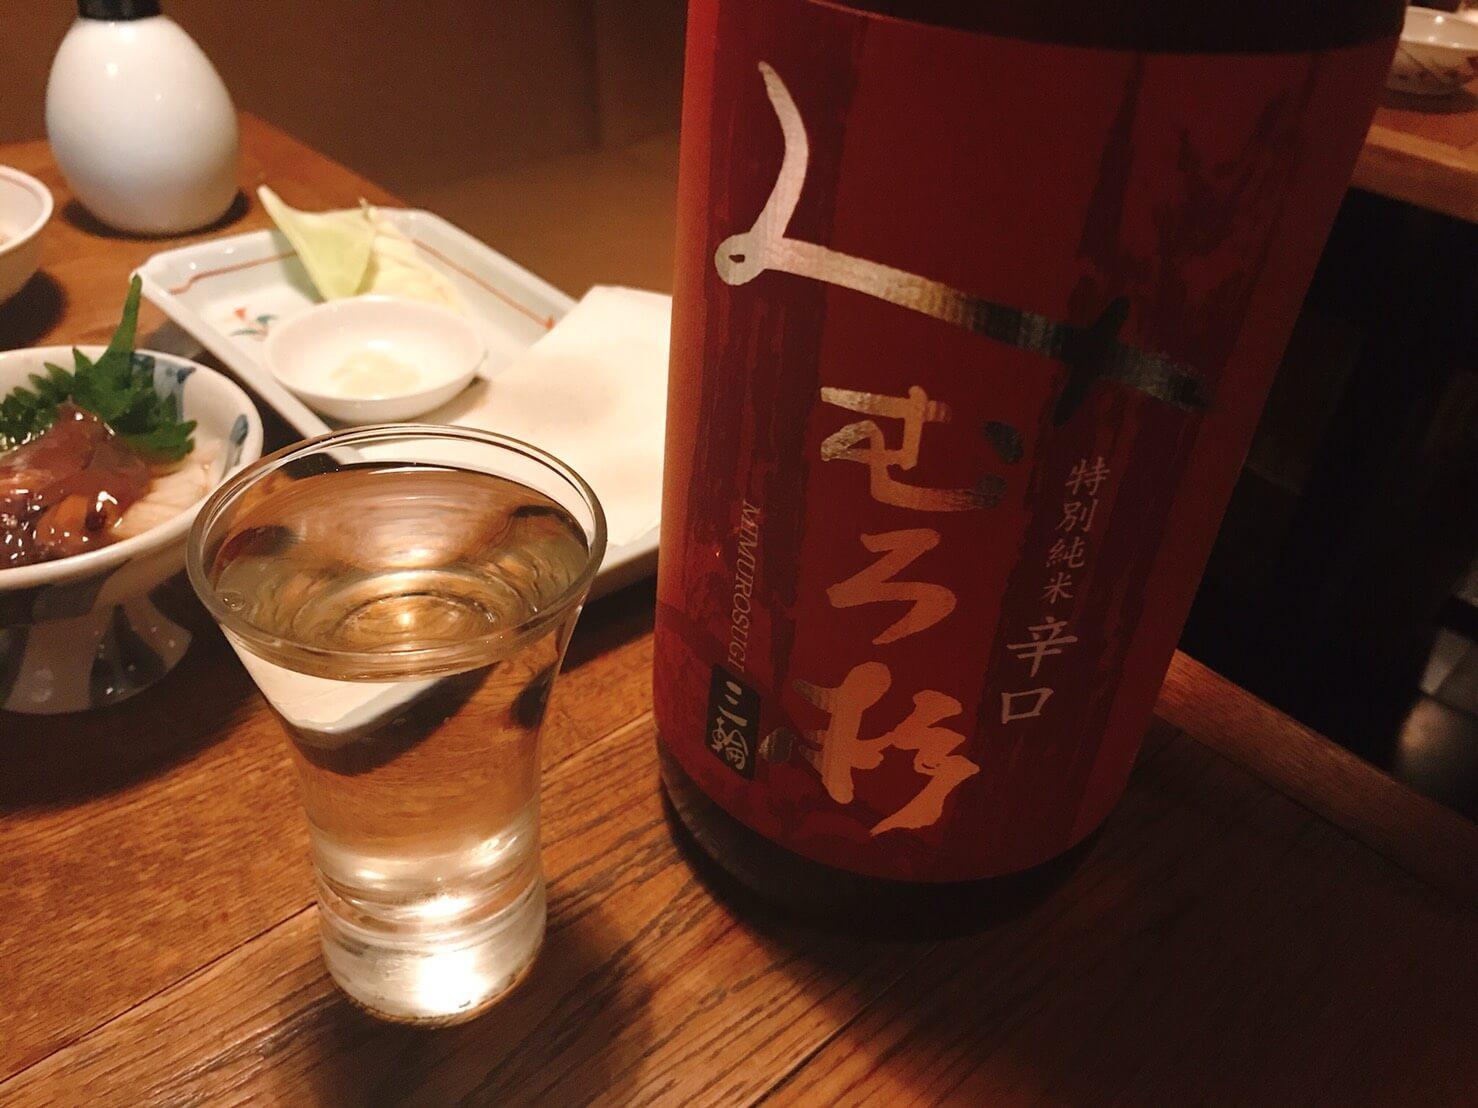 小料理ドメの日本酒1